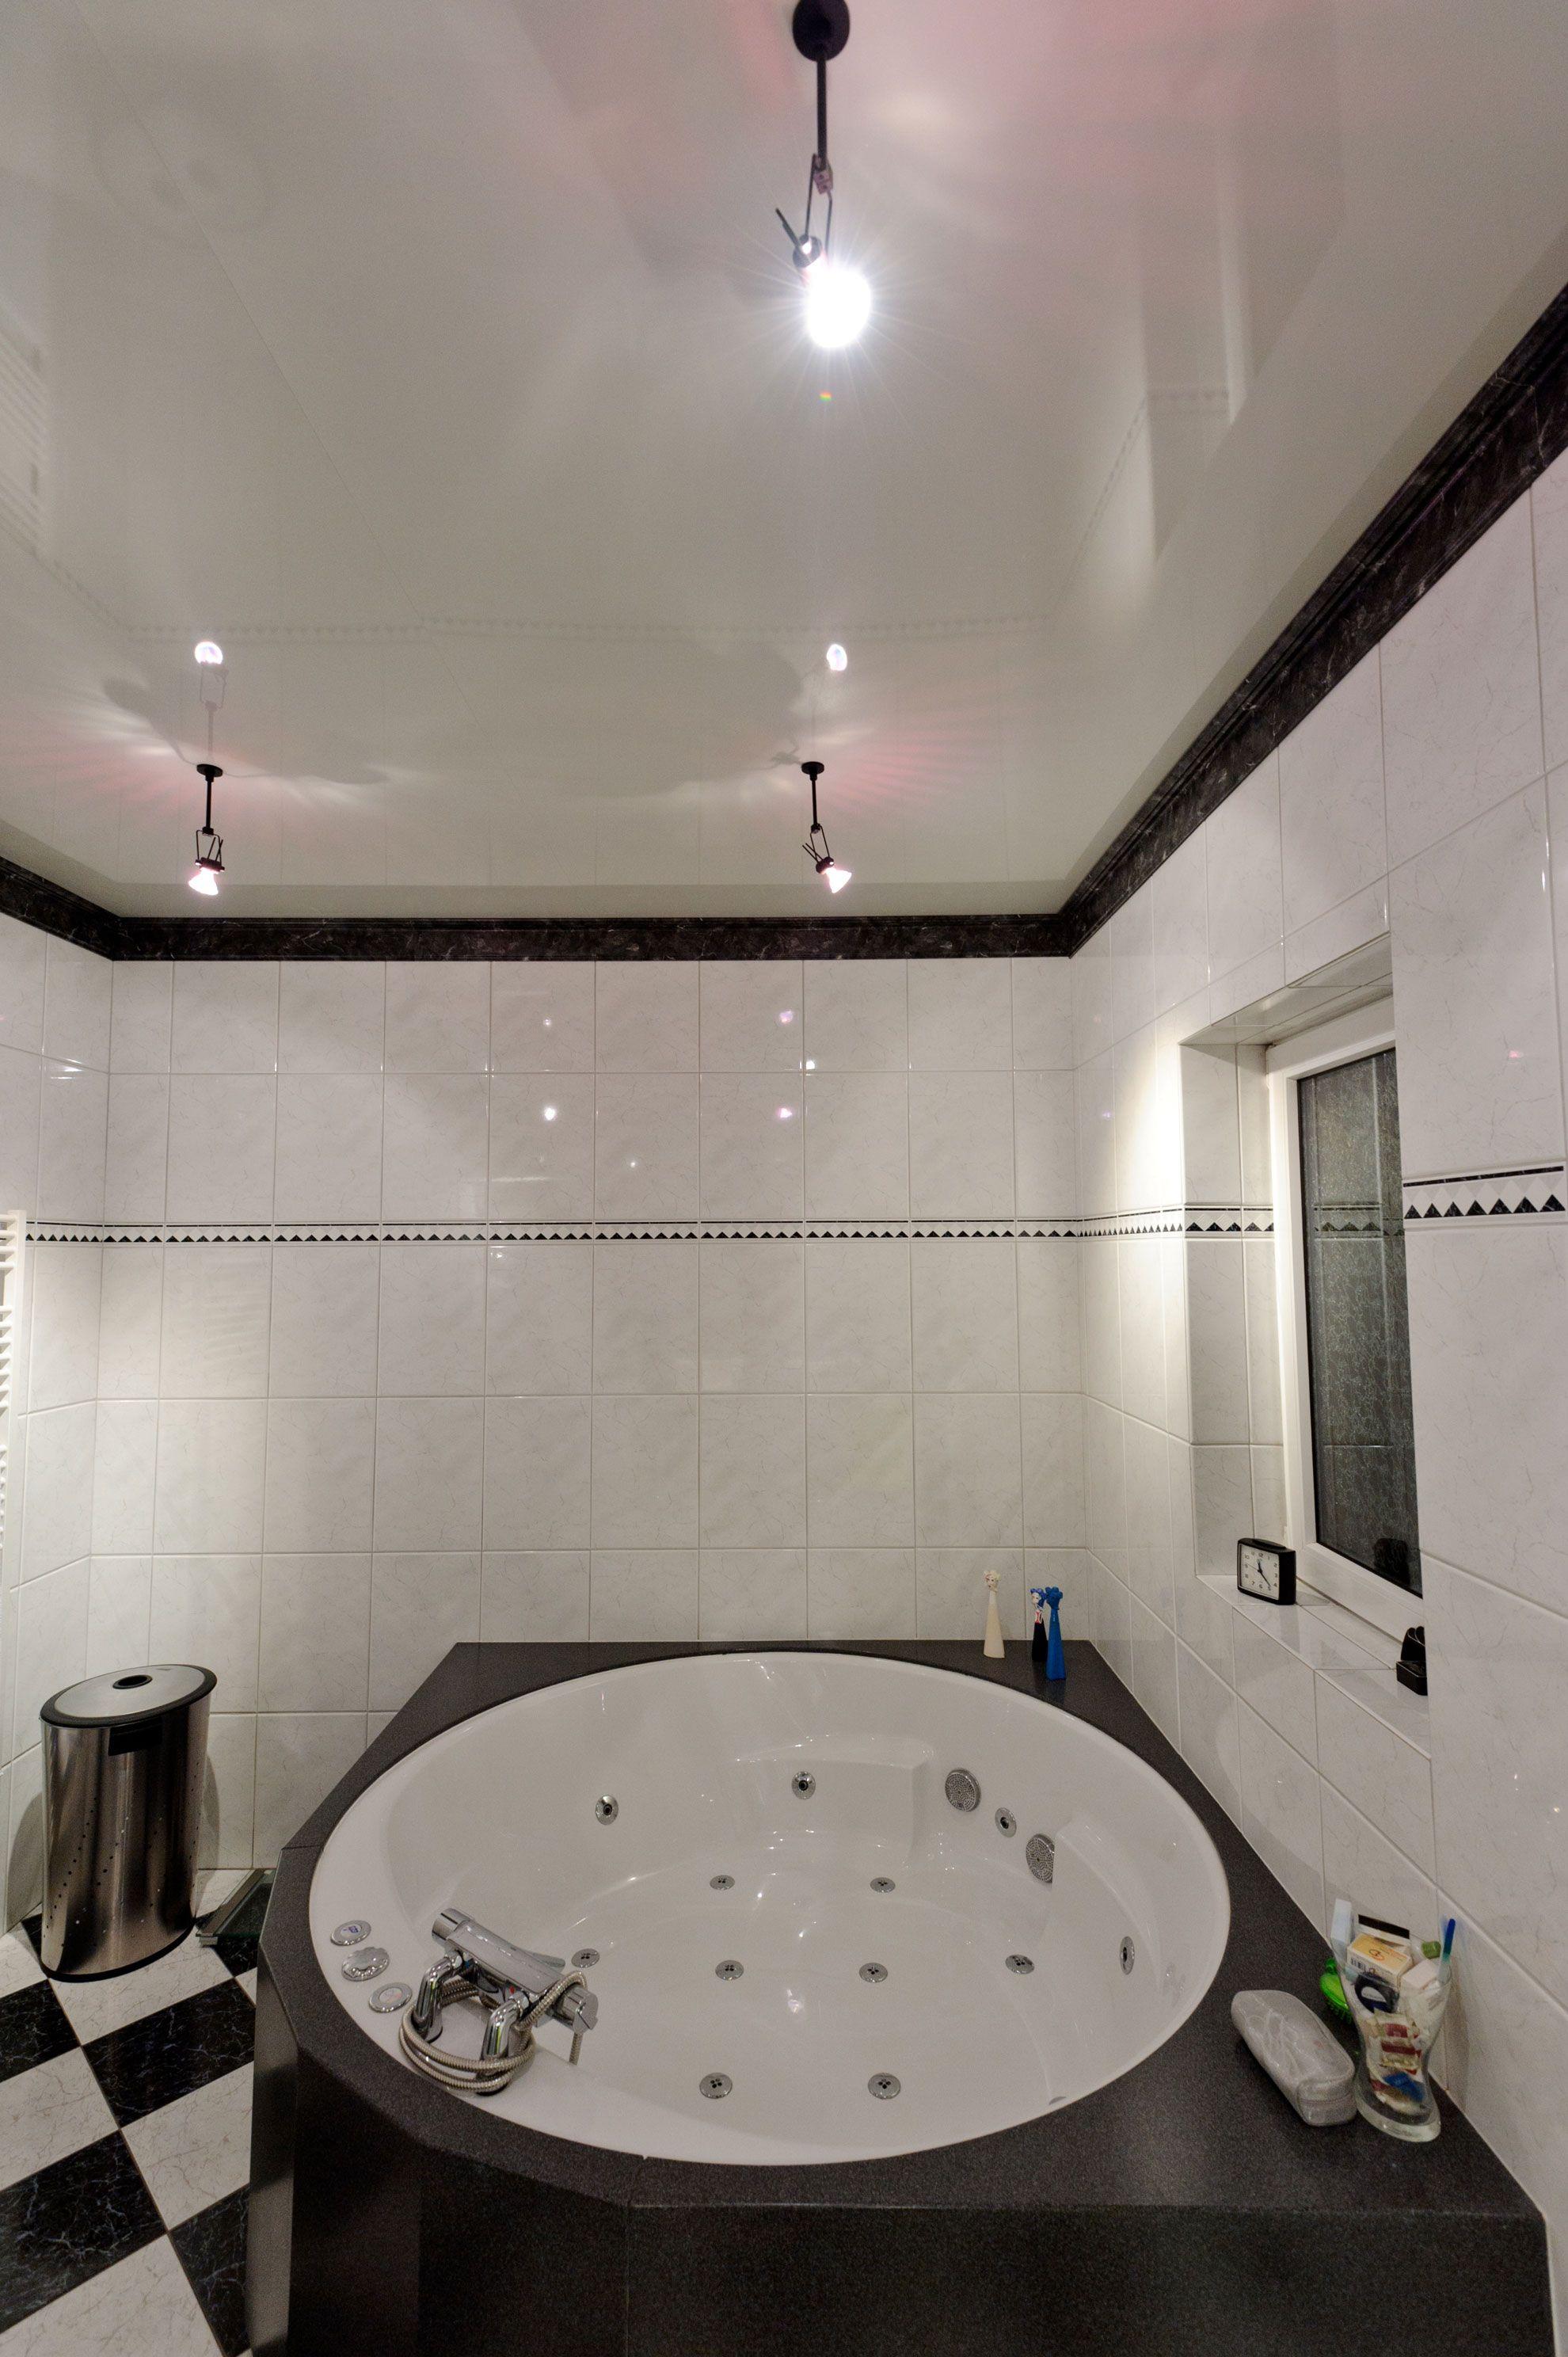 Badezimmer Decke Beleuchtung Badezimmer Badezimmer Decken Badezimmerbeleuchtung